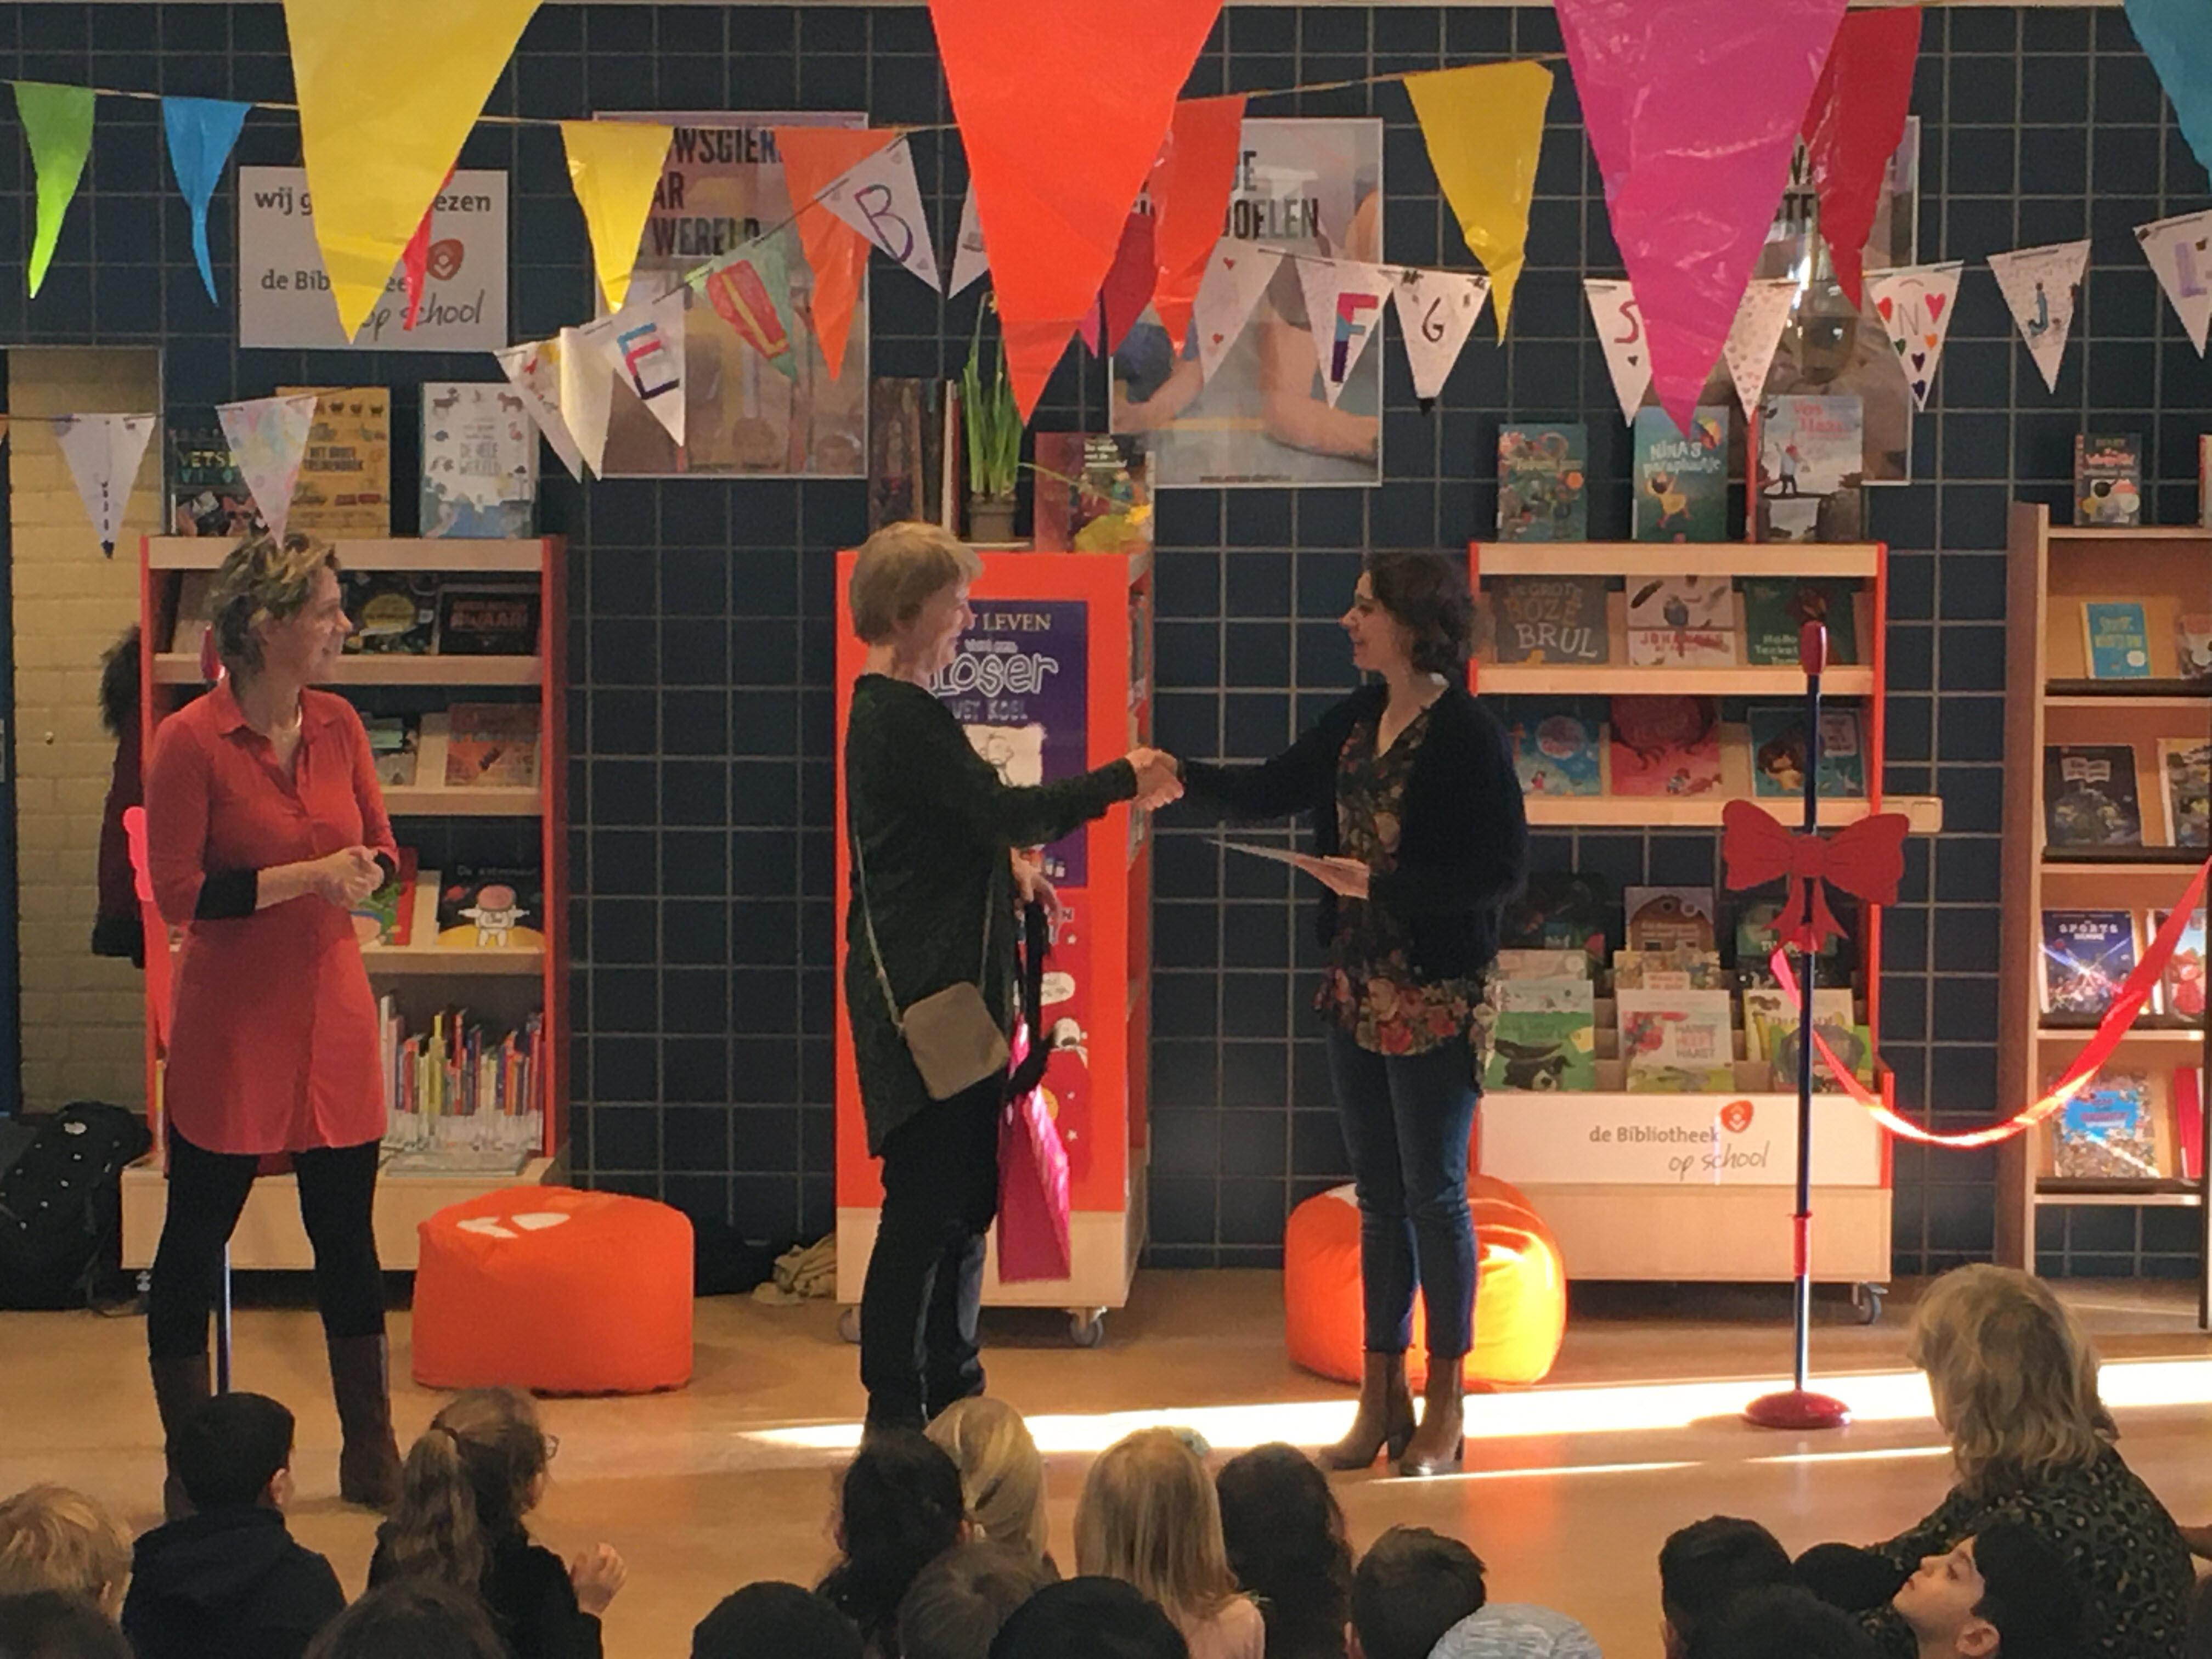 Bibliotheek op Annie MG Schmidtschool Dieren feestelijk geopend - Bibliotheek Veluwezoom